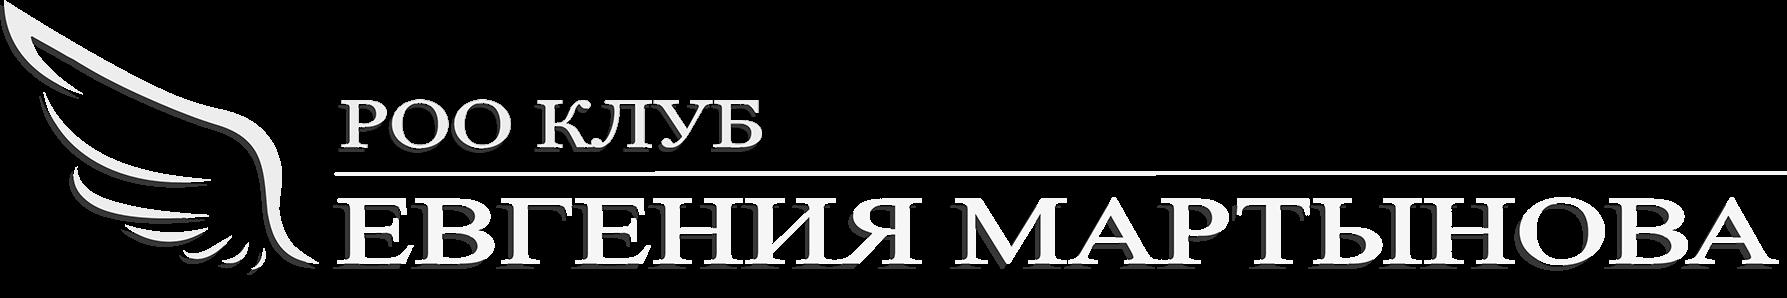 КЛУБ ЕВГЕНИЯ МАРТЫНОВА